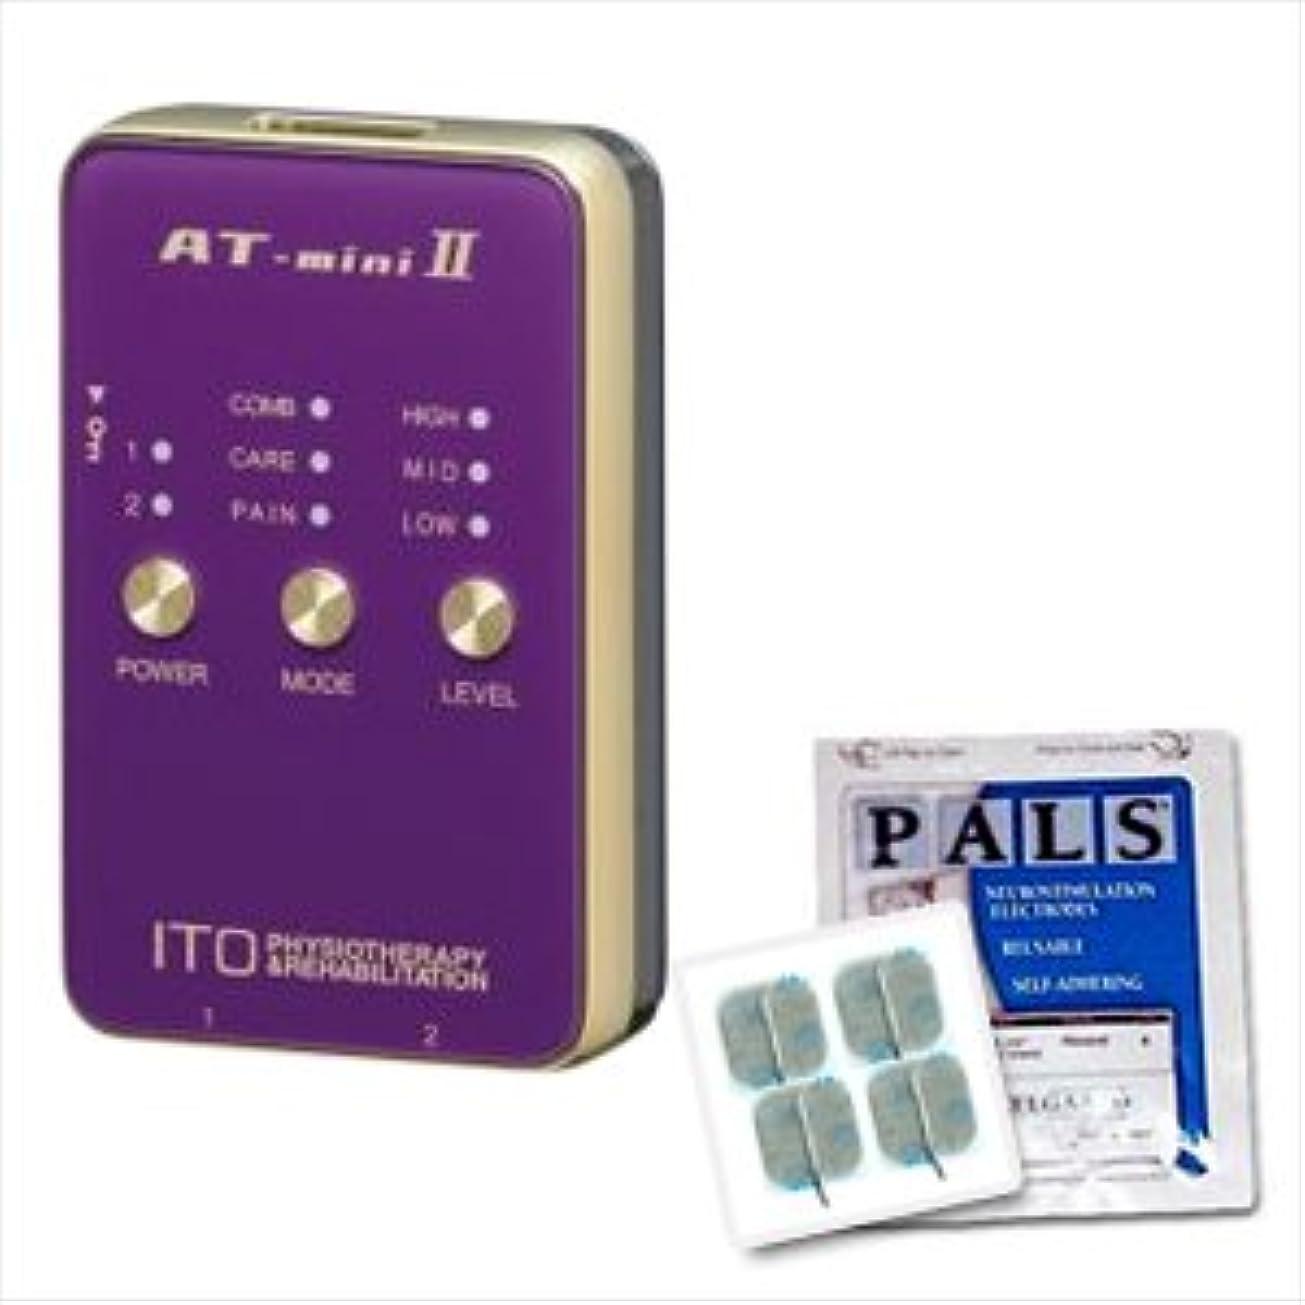 核スリップカフェテリア低周波治療器 AT-mini II パープル +アクセルガードMサイズ(5x5cm:1袋4枚入)セット